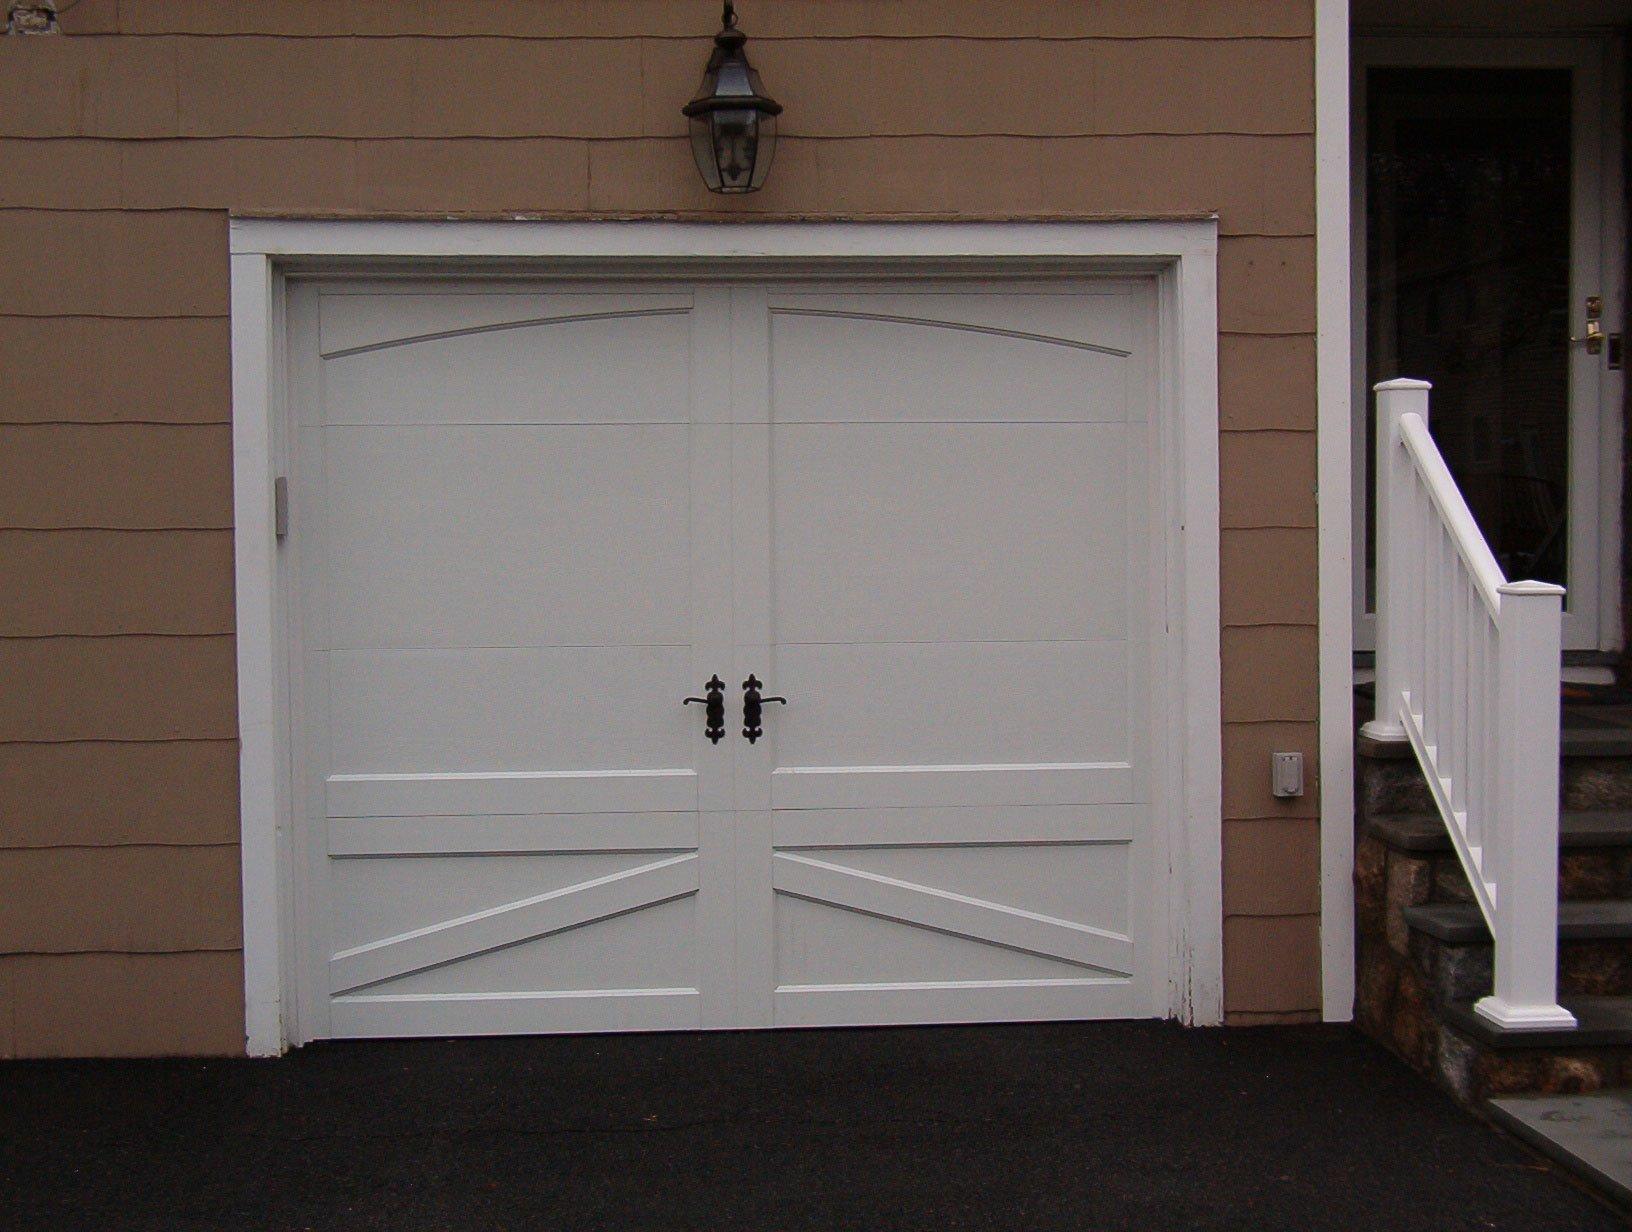 1232 #614B3D Clopay Coachman Garage Doors Coachman Steel Garage Door wallpaper Coachman Collection Garage Doors 36151632